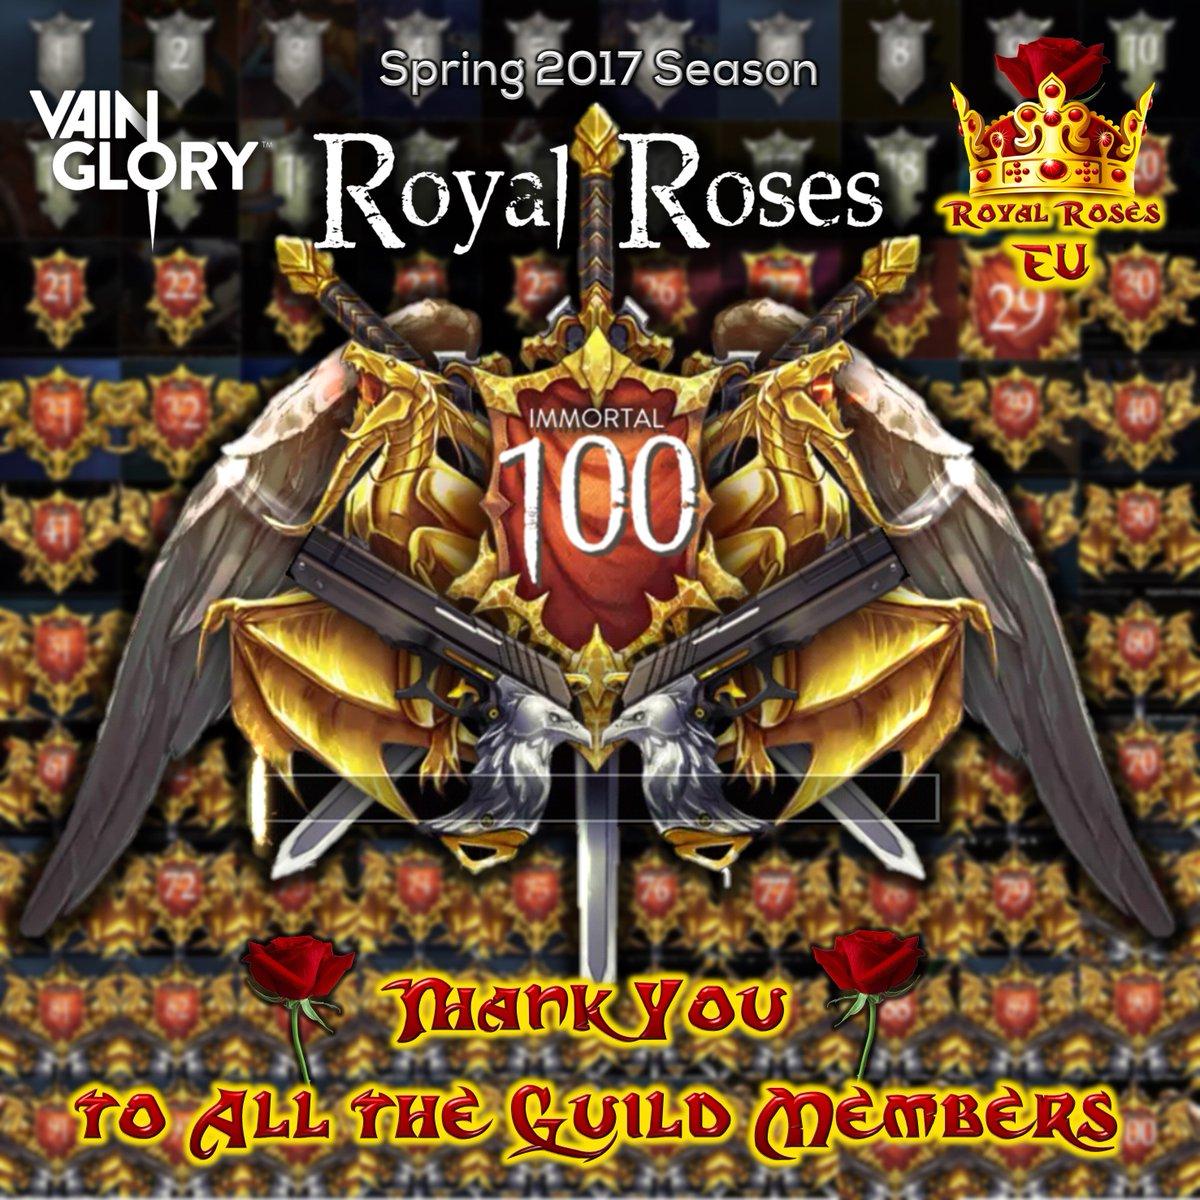 Royal Roses VG on Twitter: